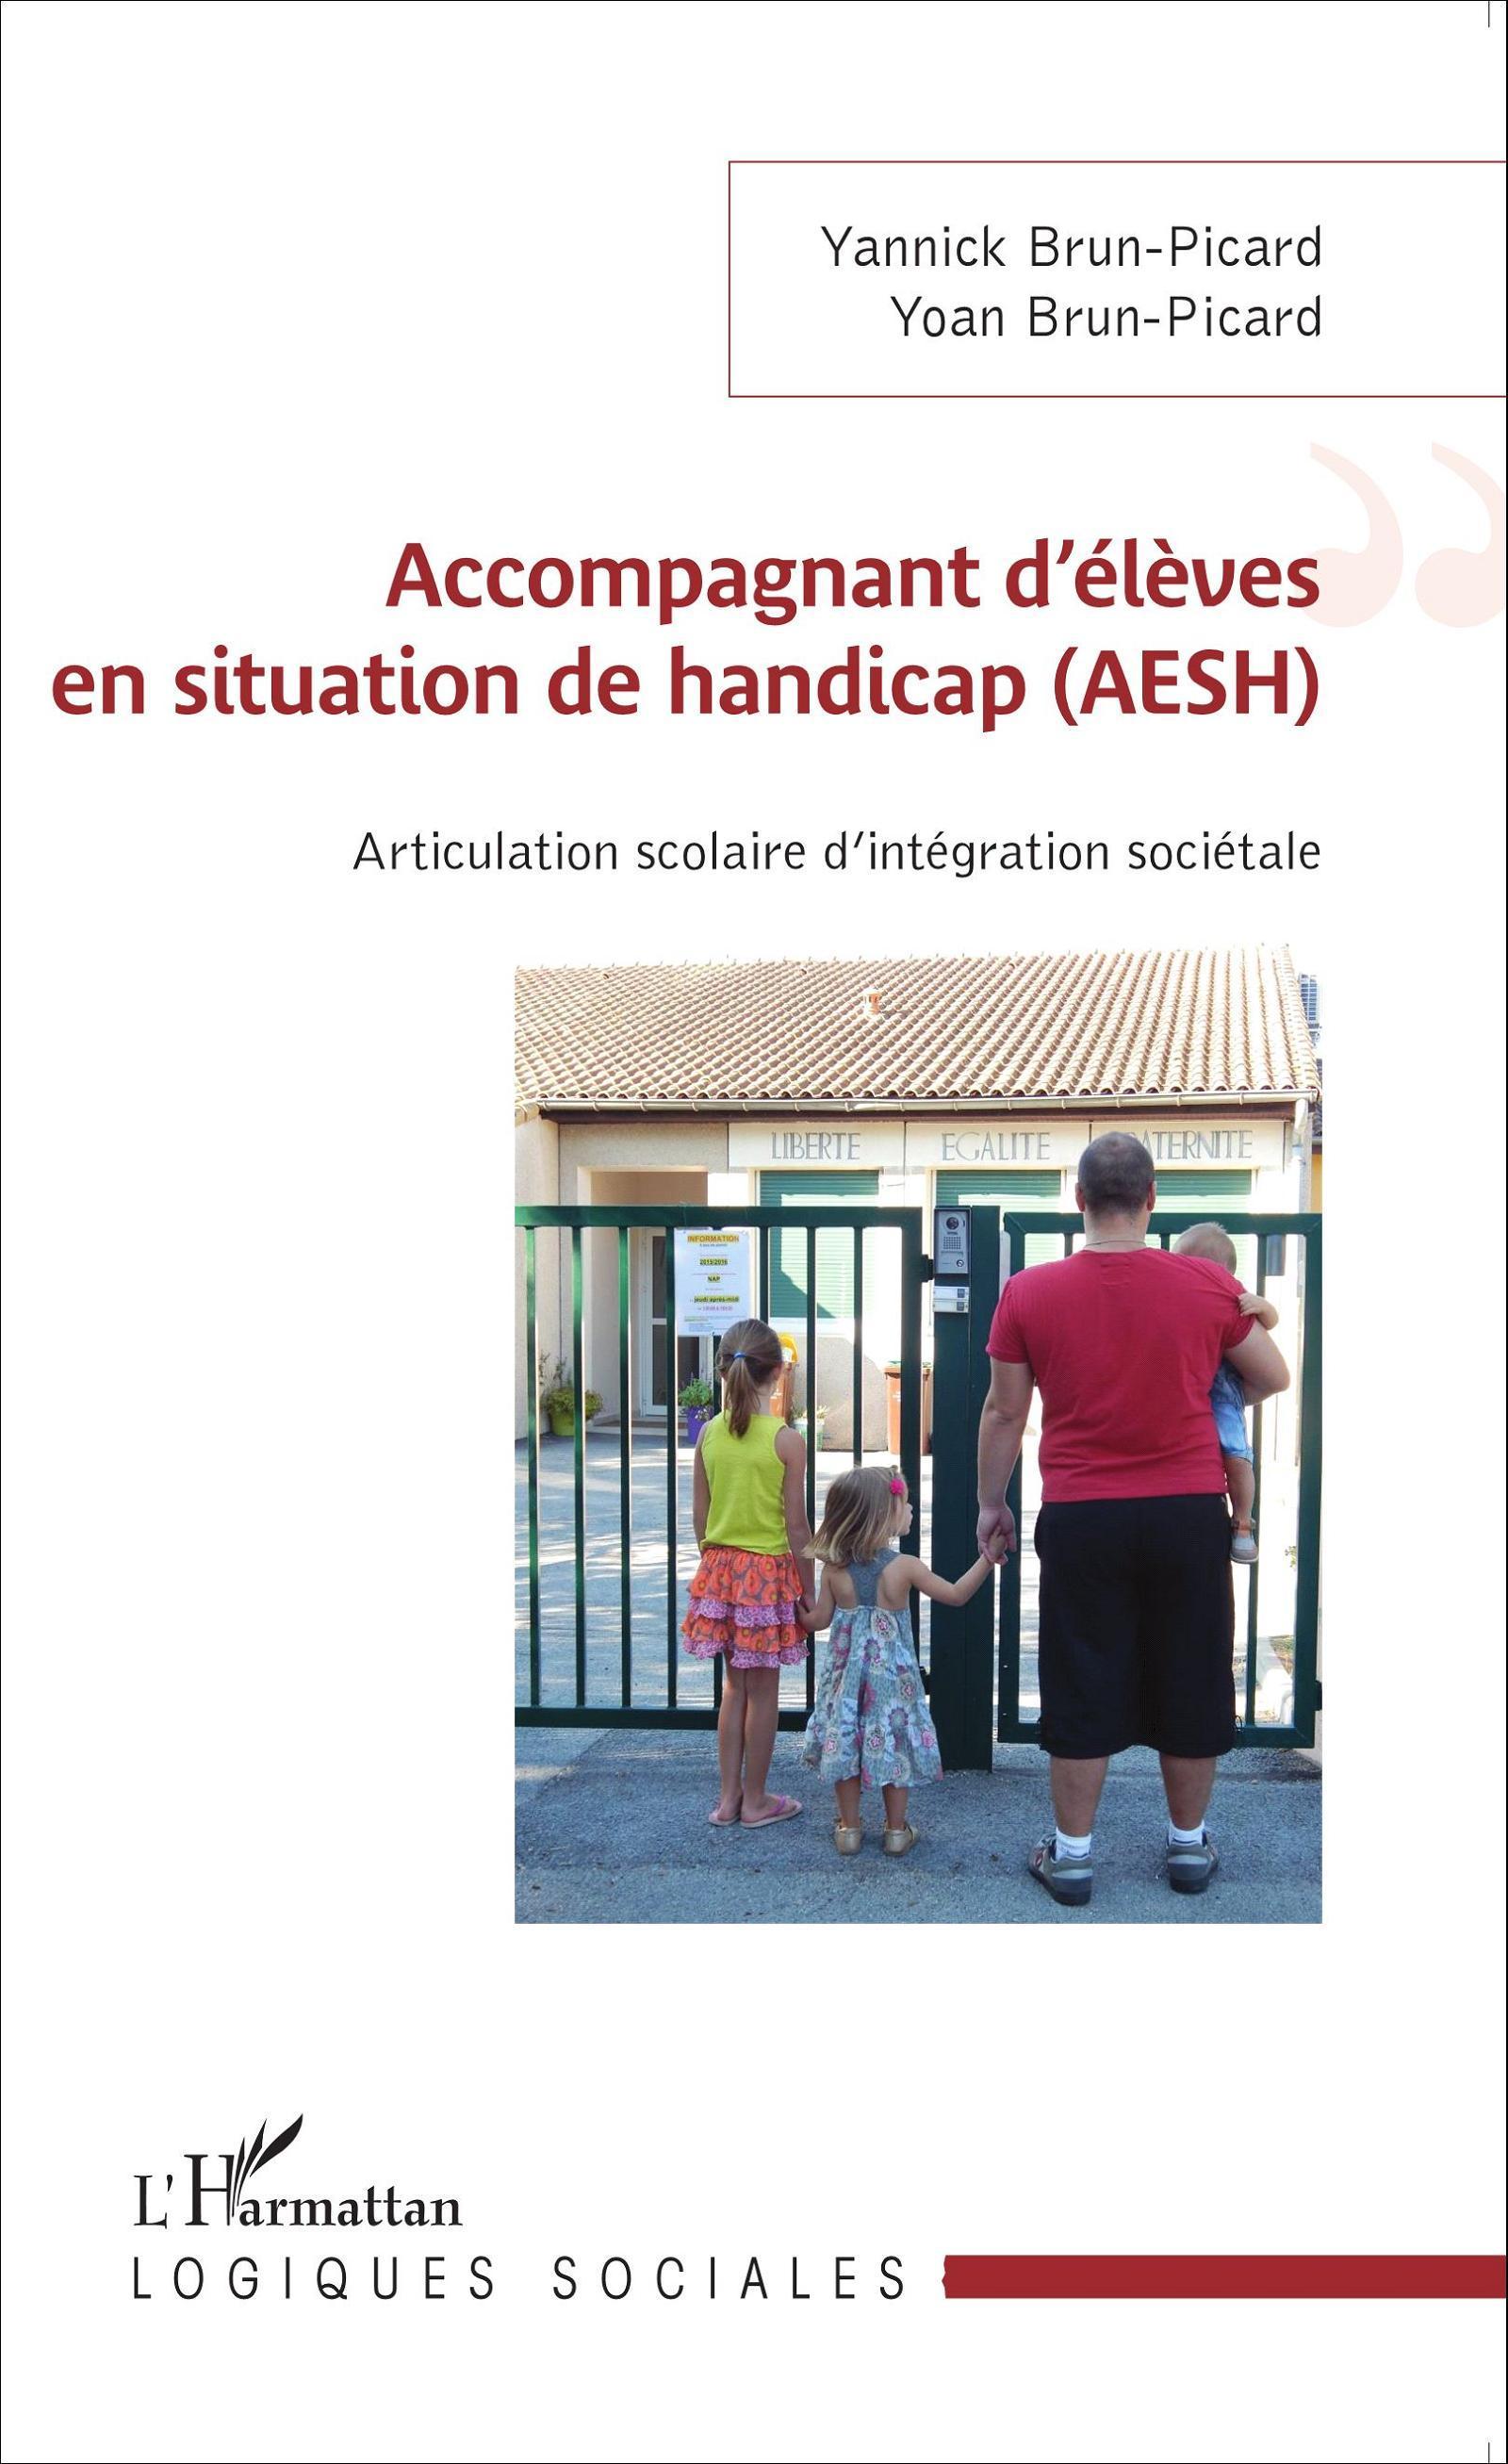 ACCOMPAGNANT D'ELEVES EN SITUATION DE HANDICAP (AESH) ARTICULATION SCOLAIRE D'INTEGRATION SOCIETALE